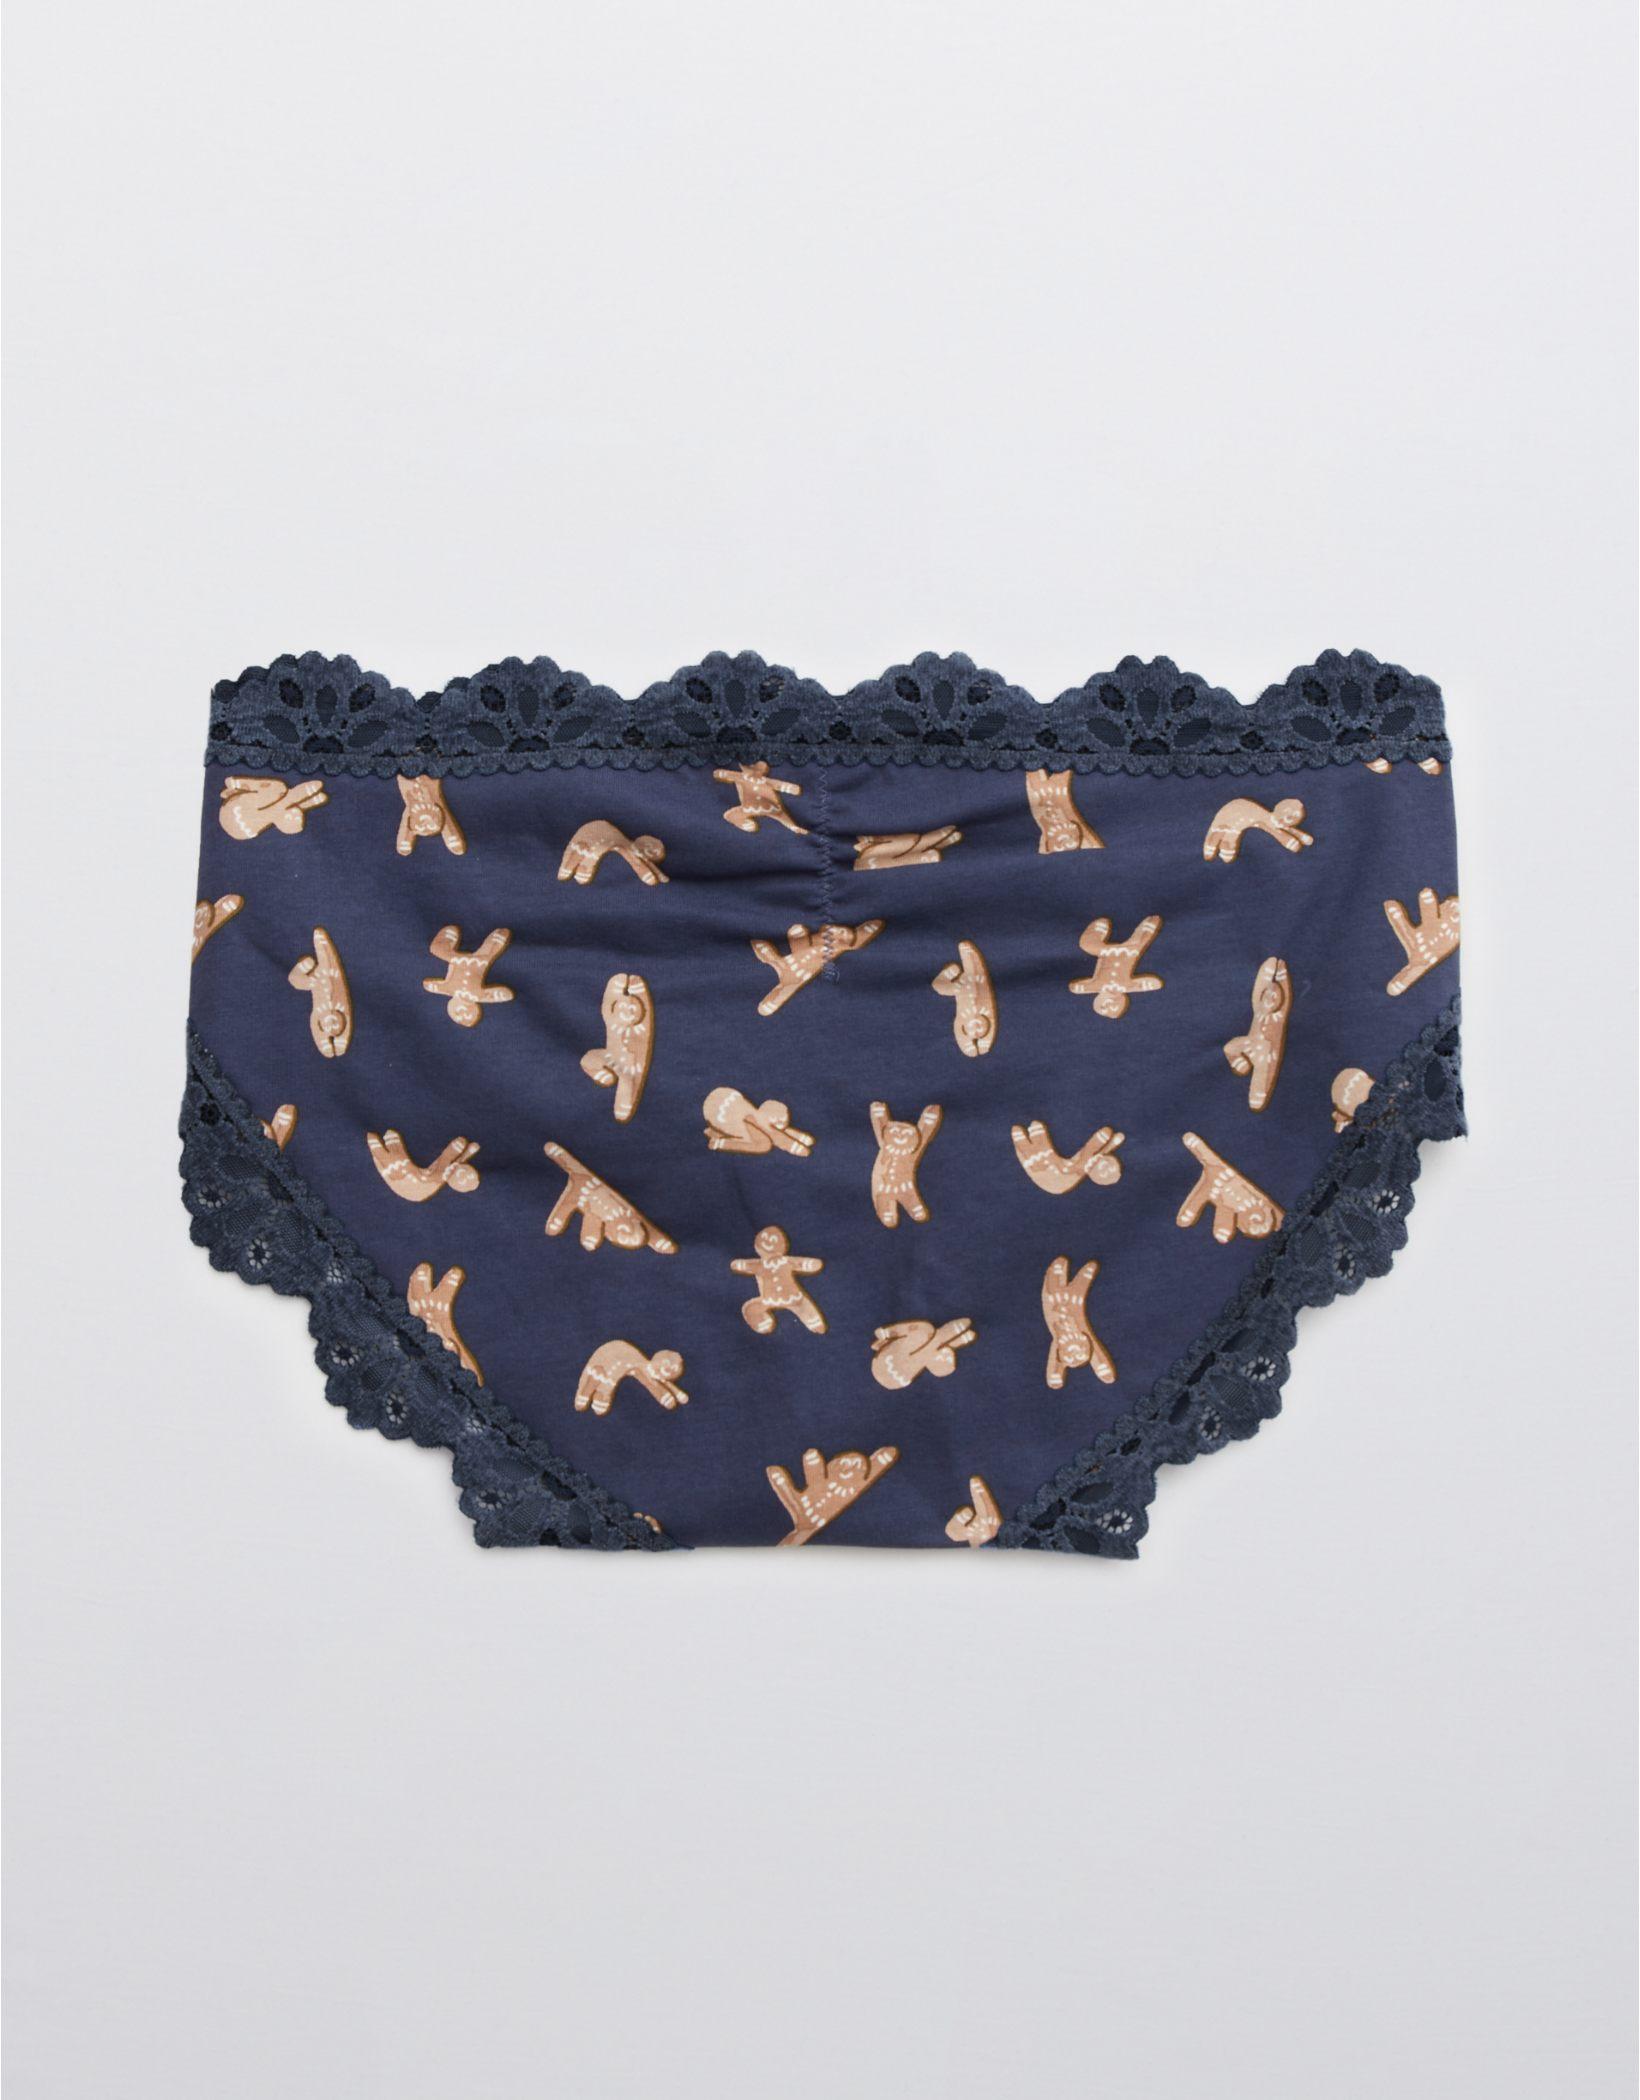 Aerie Cotton Snowday Lace Boybrief Underwear